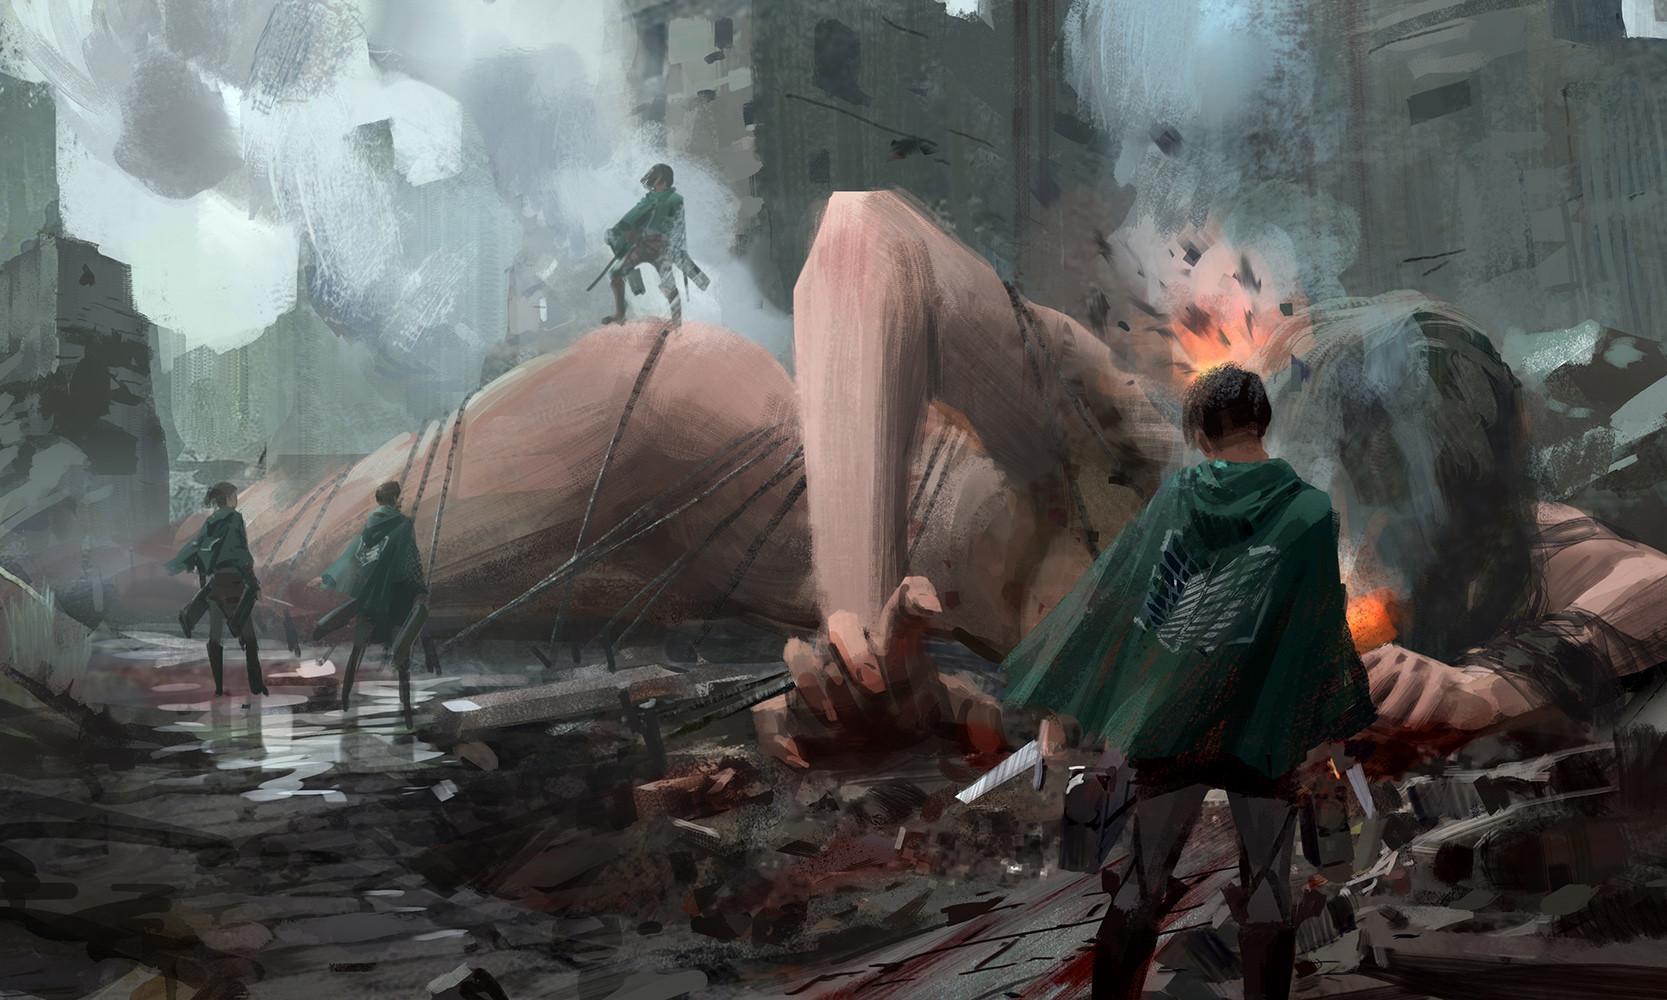 ArtStation - fan art of Attack on Titan, Way Way